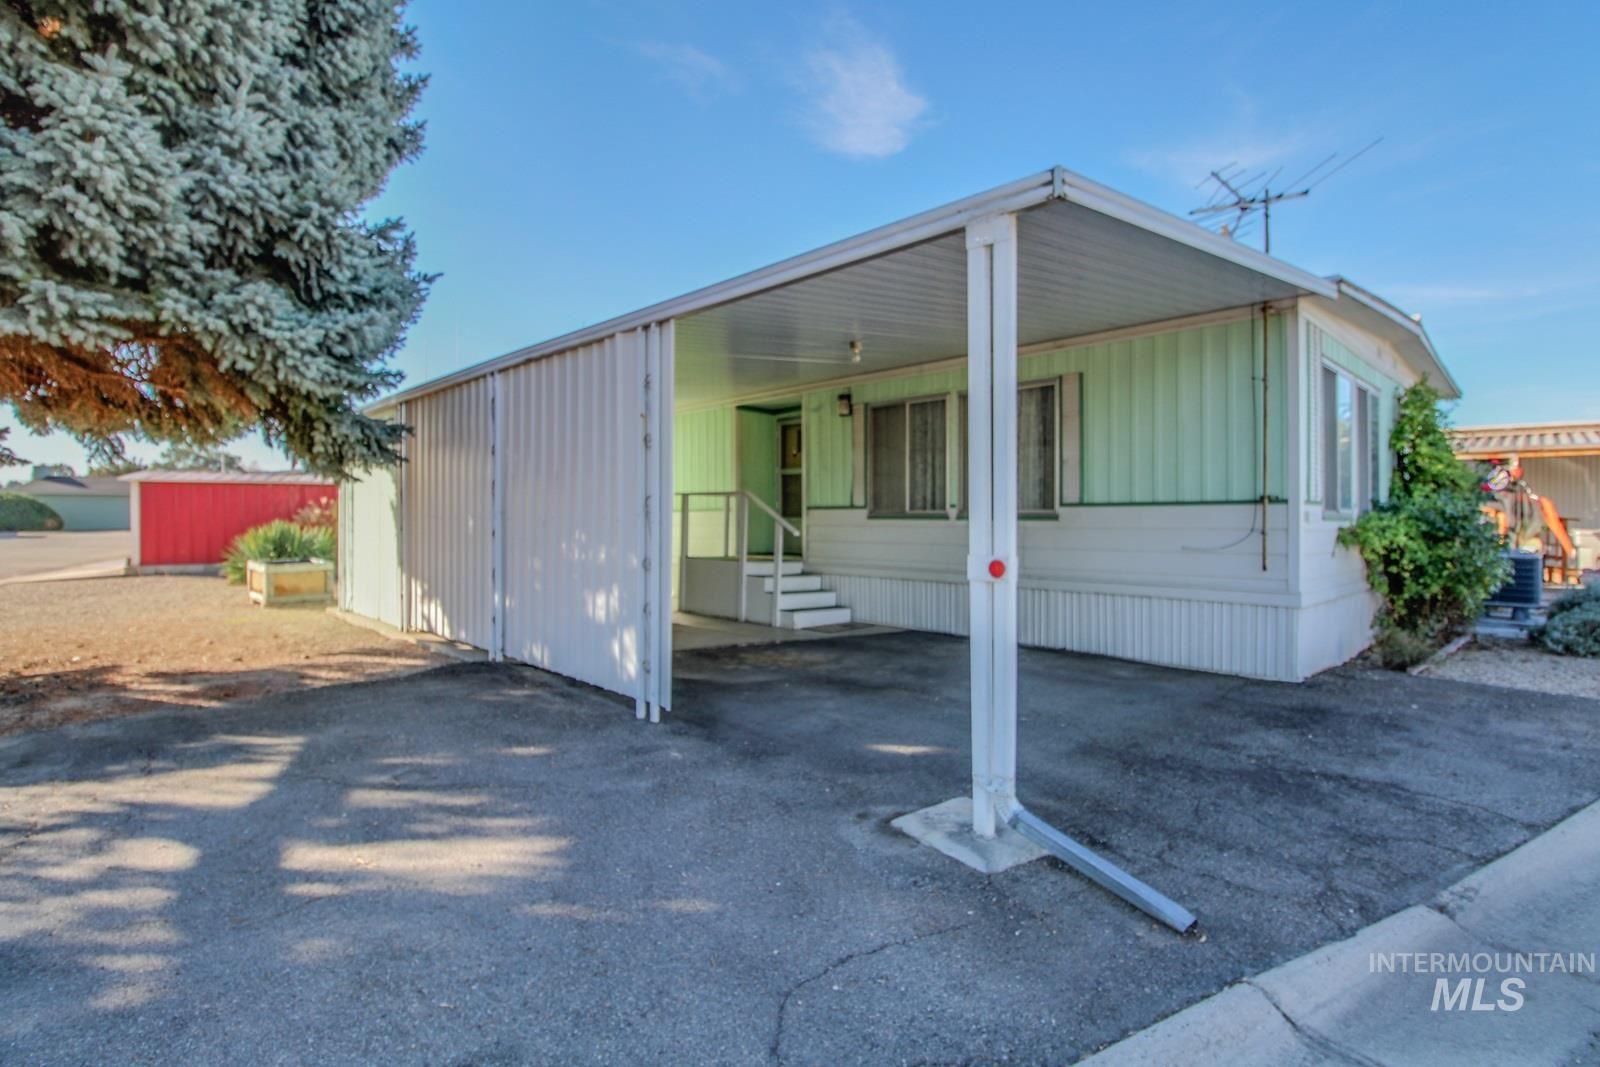 2205 E Linden #25, Caldwell, ID 83605 - MLS#: 98784550